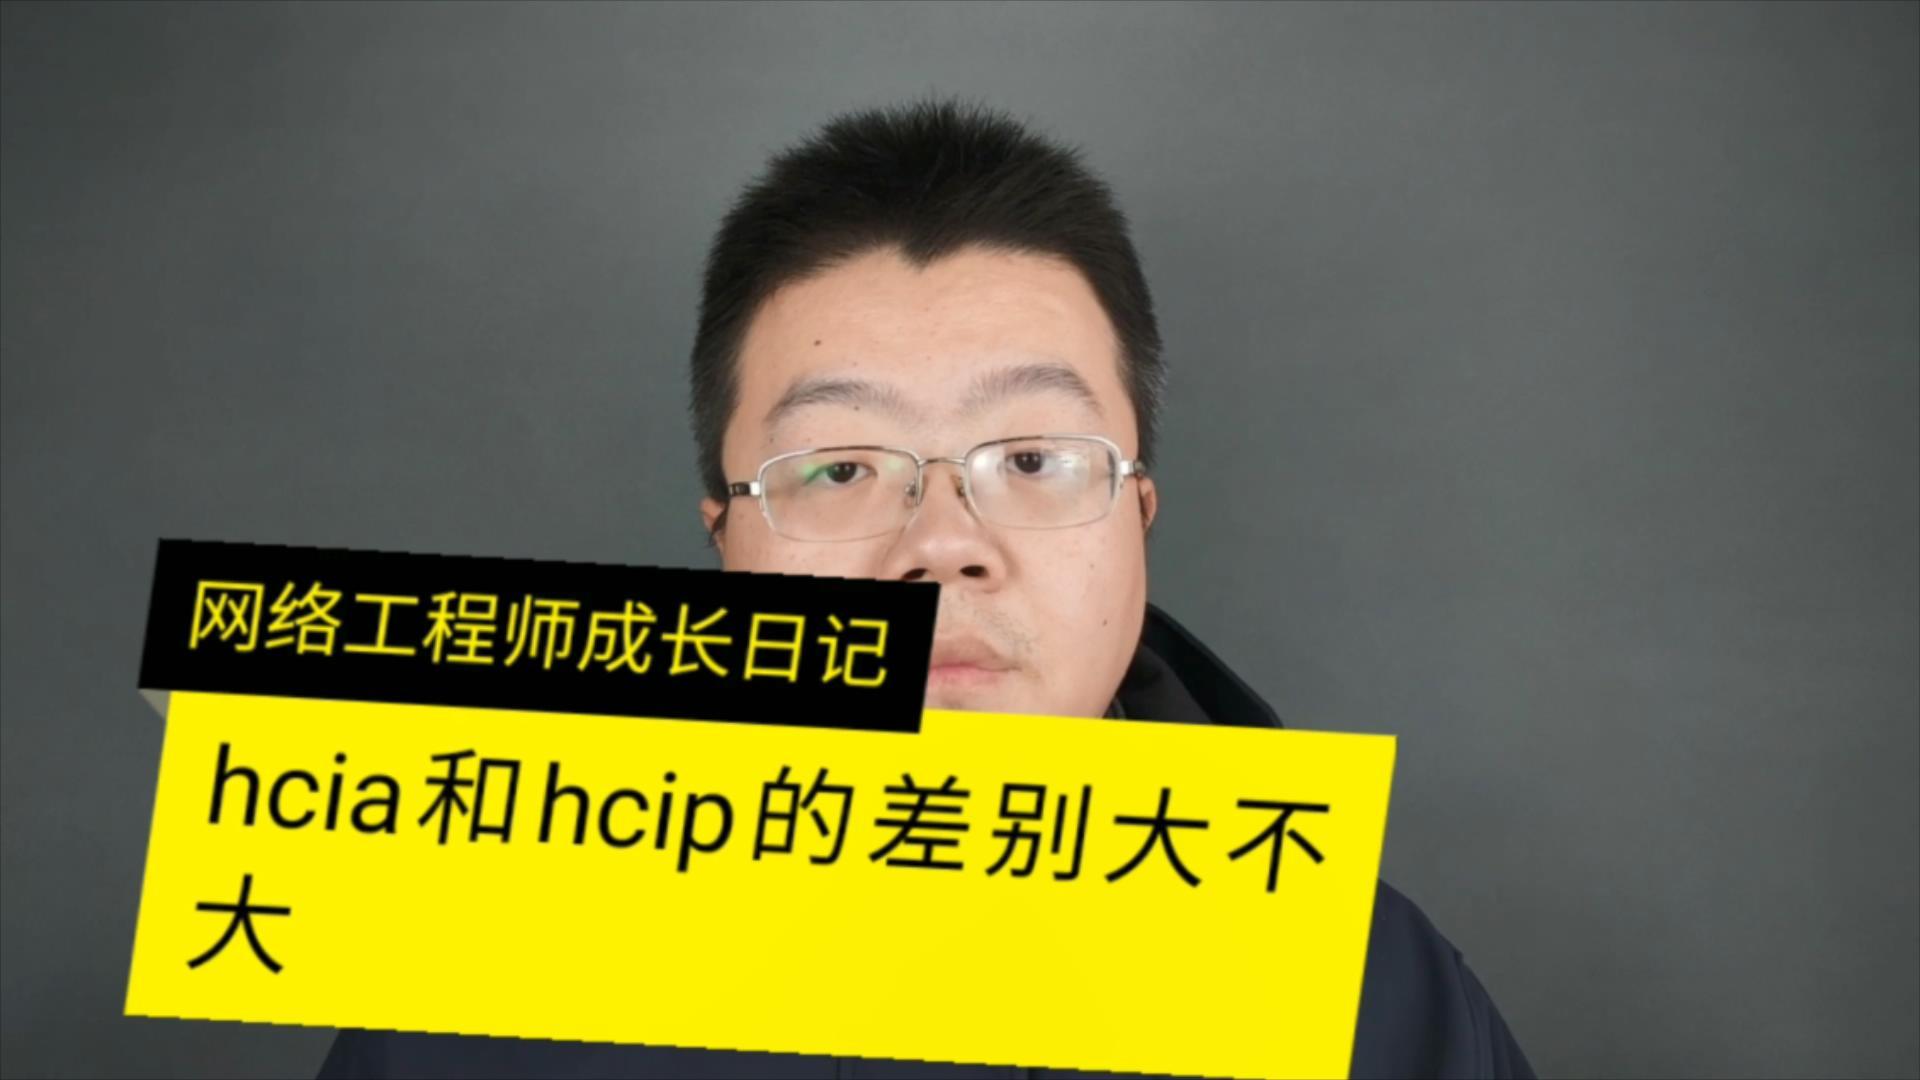 华为认证网络工程师HCIA和HCIP的区别大不大